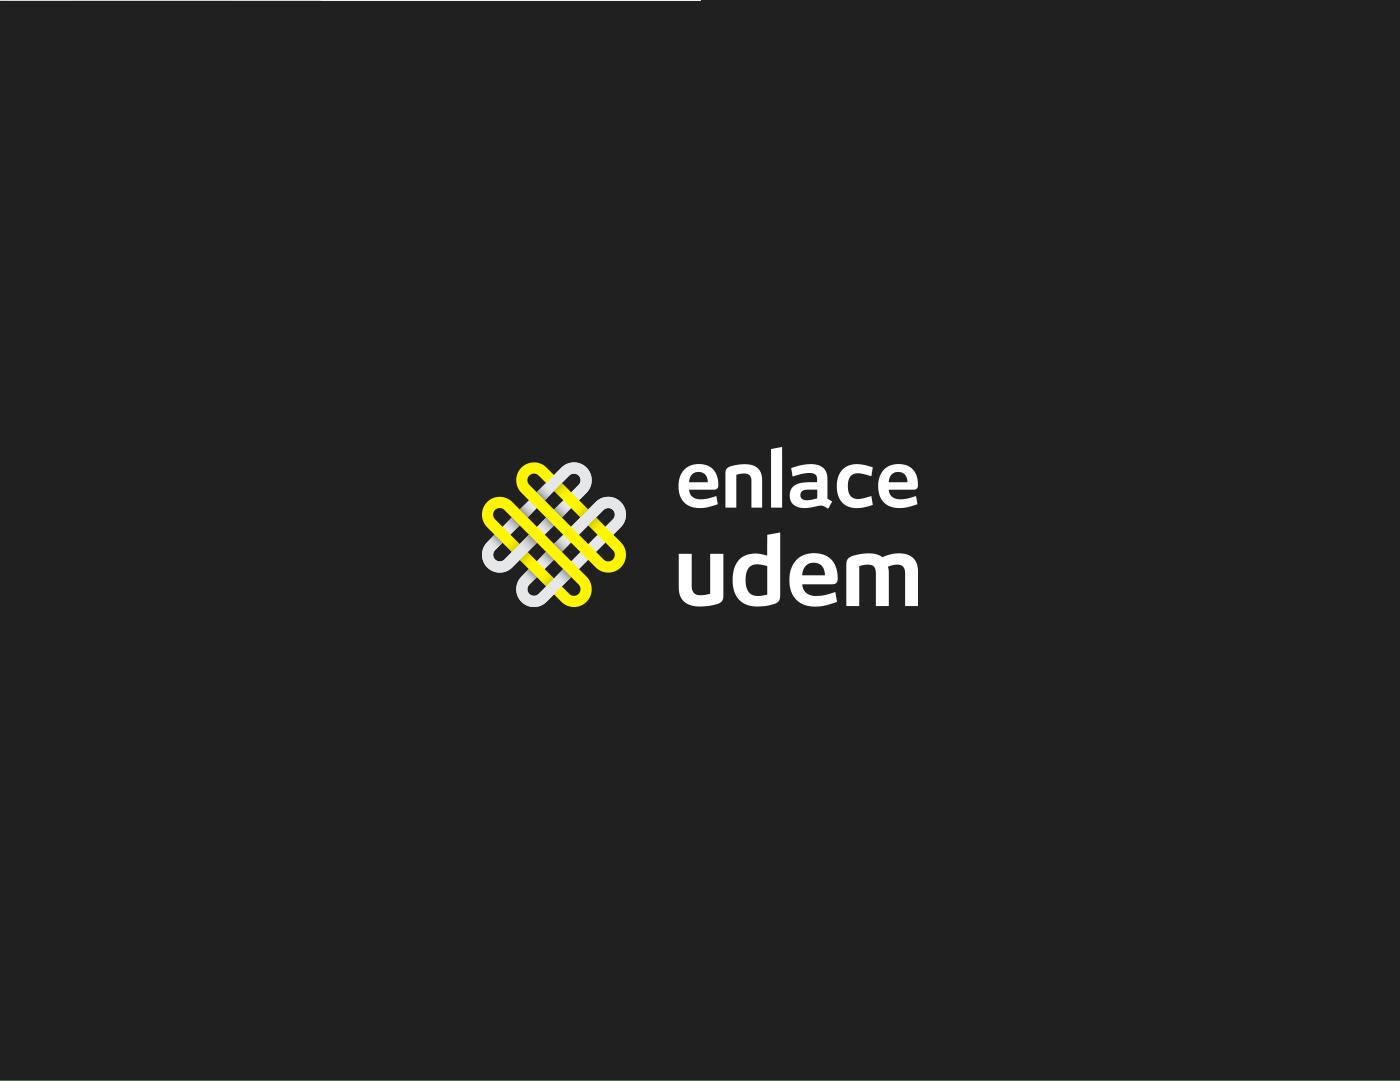 udem_enlace_nett_08